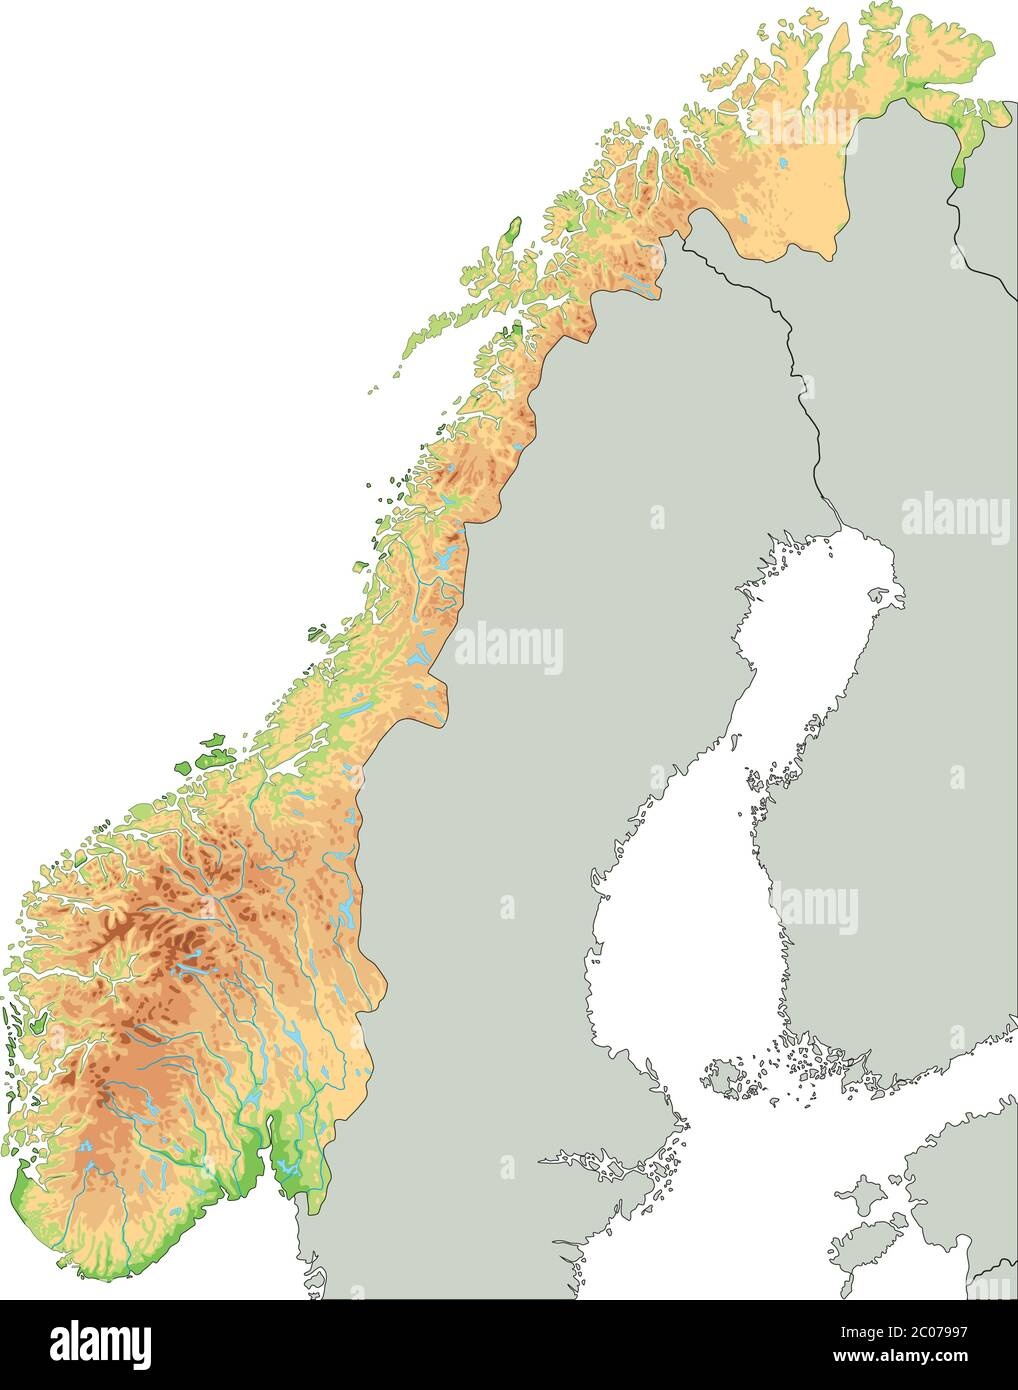 Cartina Fisica Della Norvegia.Mappa Fisica Della Norvegia Dettagliata Immagine E Vettoriale Alamy